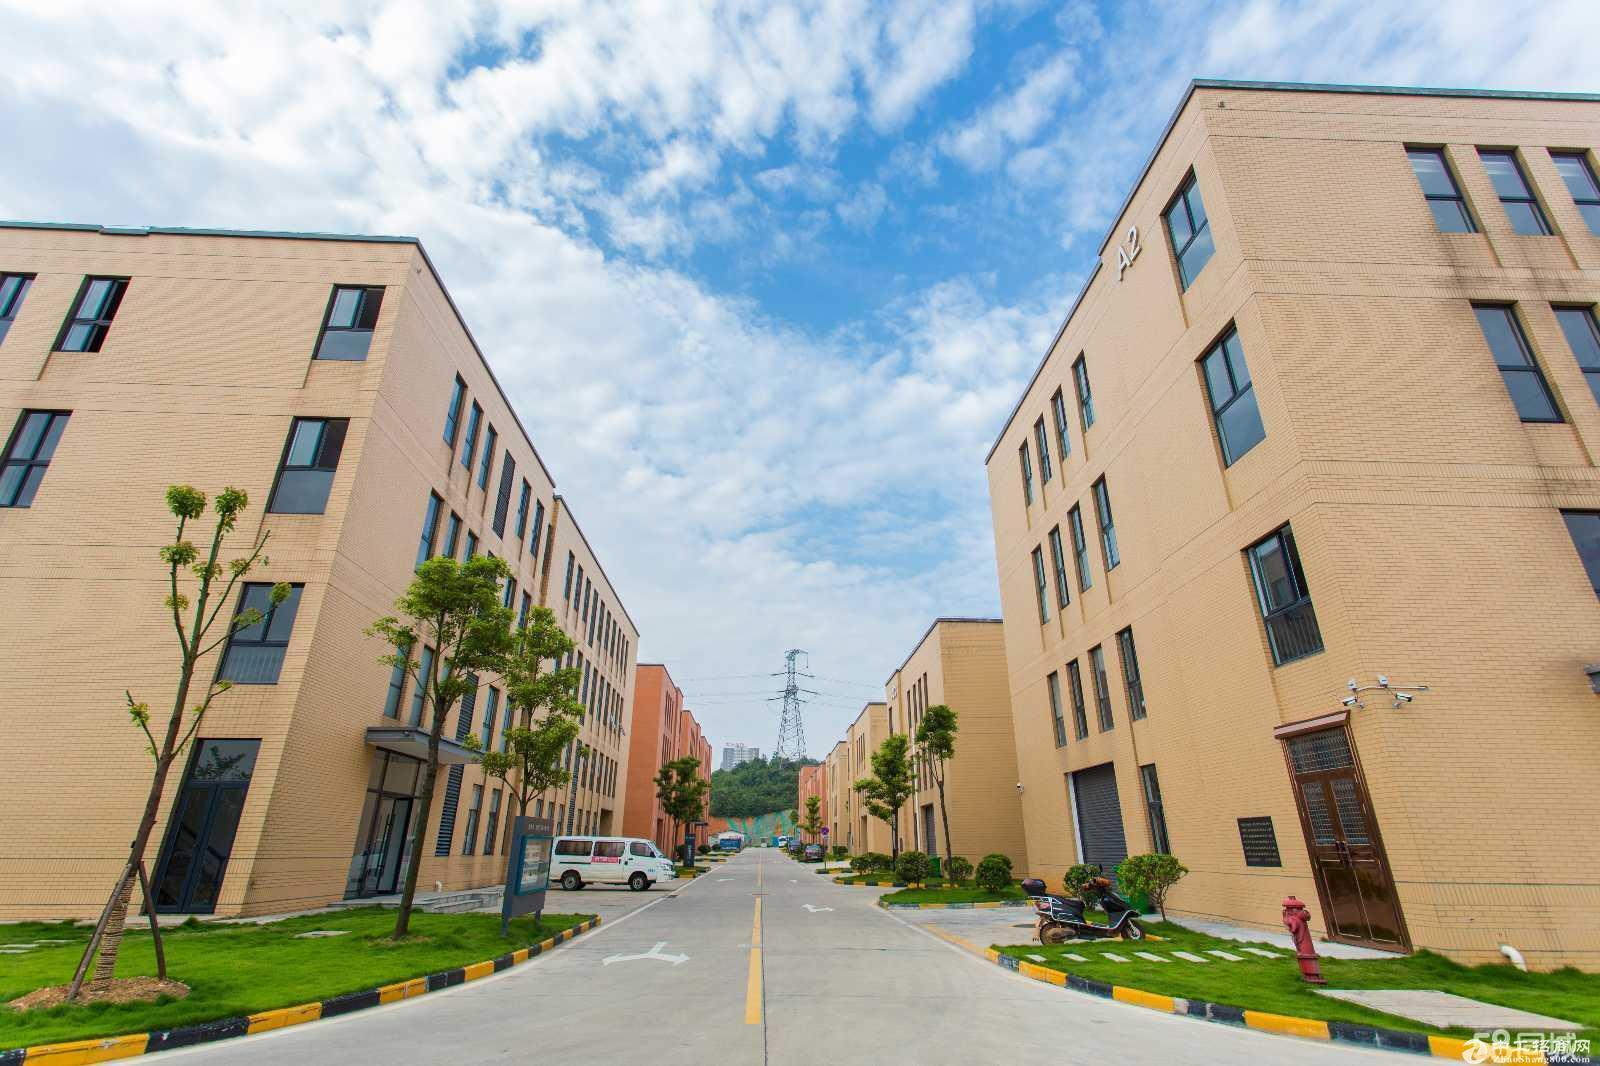 出售 浏阳市经开区 蓝思科技旁 首层7.2米的独栋厂房图片4